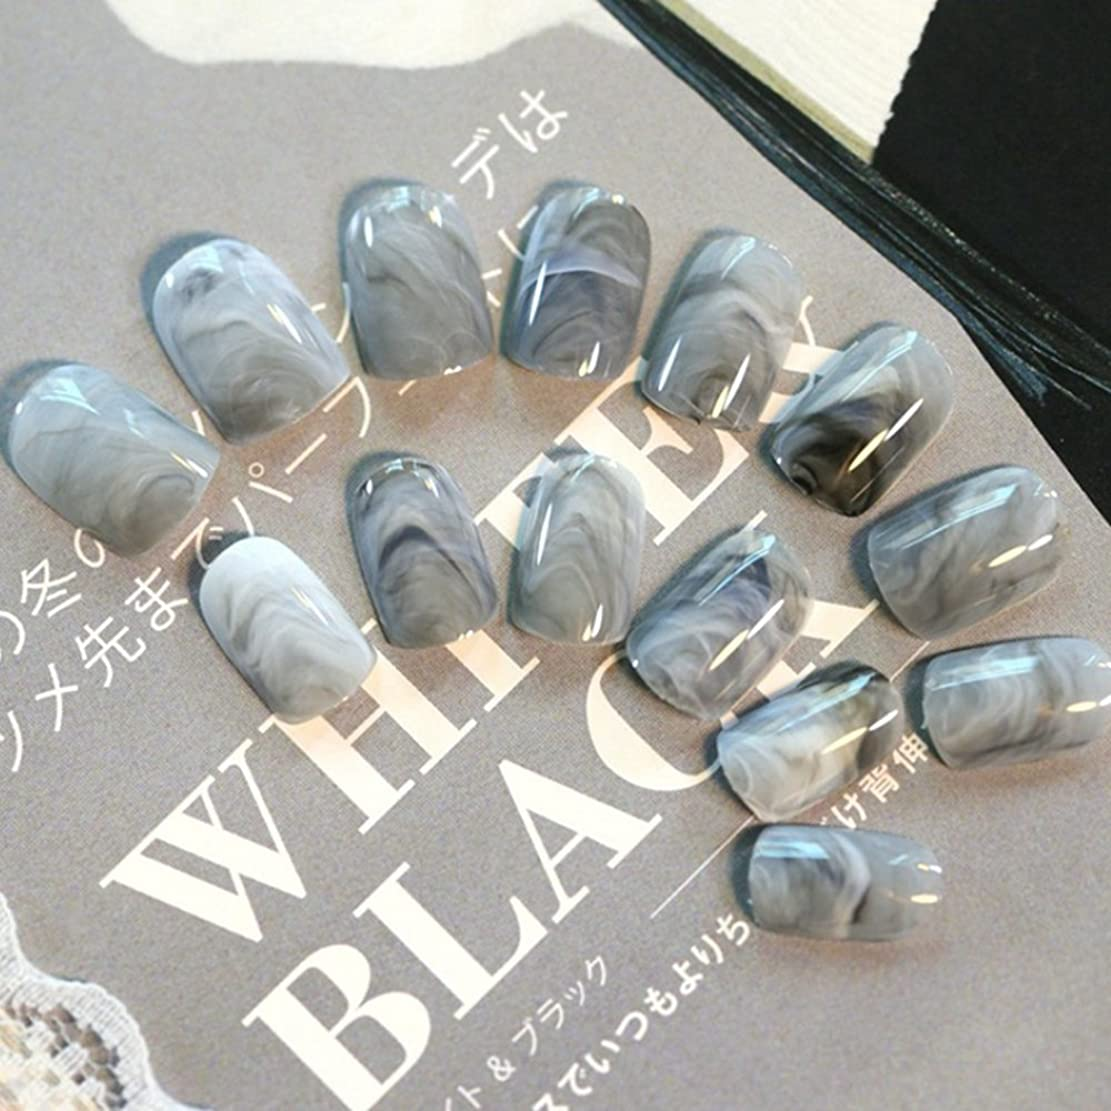 叫び声誤解するコンピューターを使用する24pcsグレー大理石の指の先端短い偽の爪アクリルフルカバーネイル